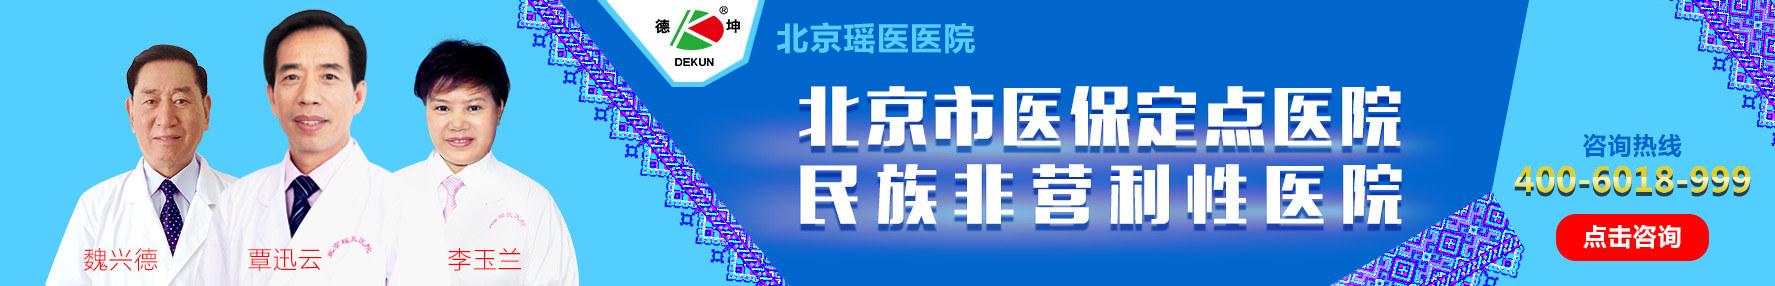 北京肿瘤专色天使在线视频在线视频偷国产精品